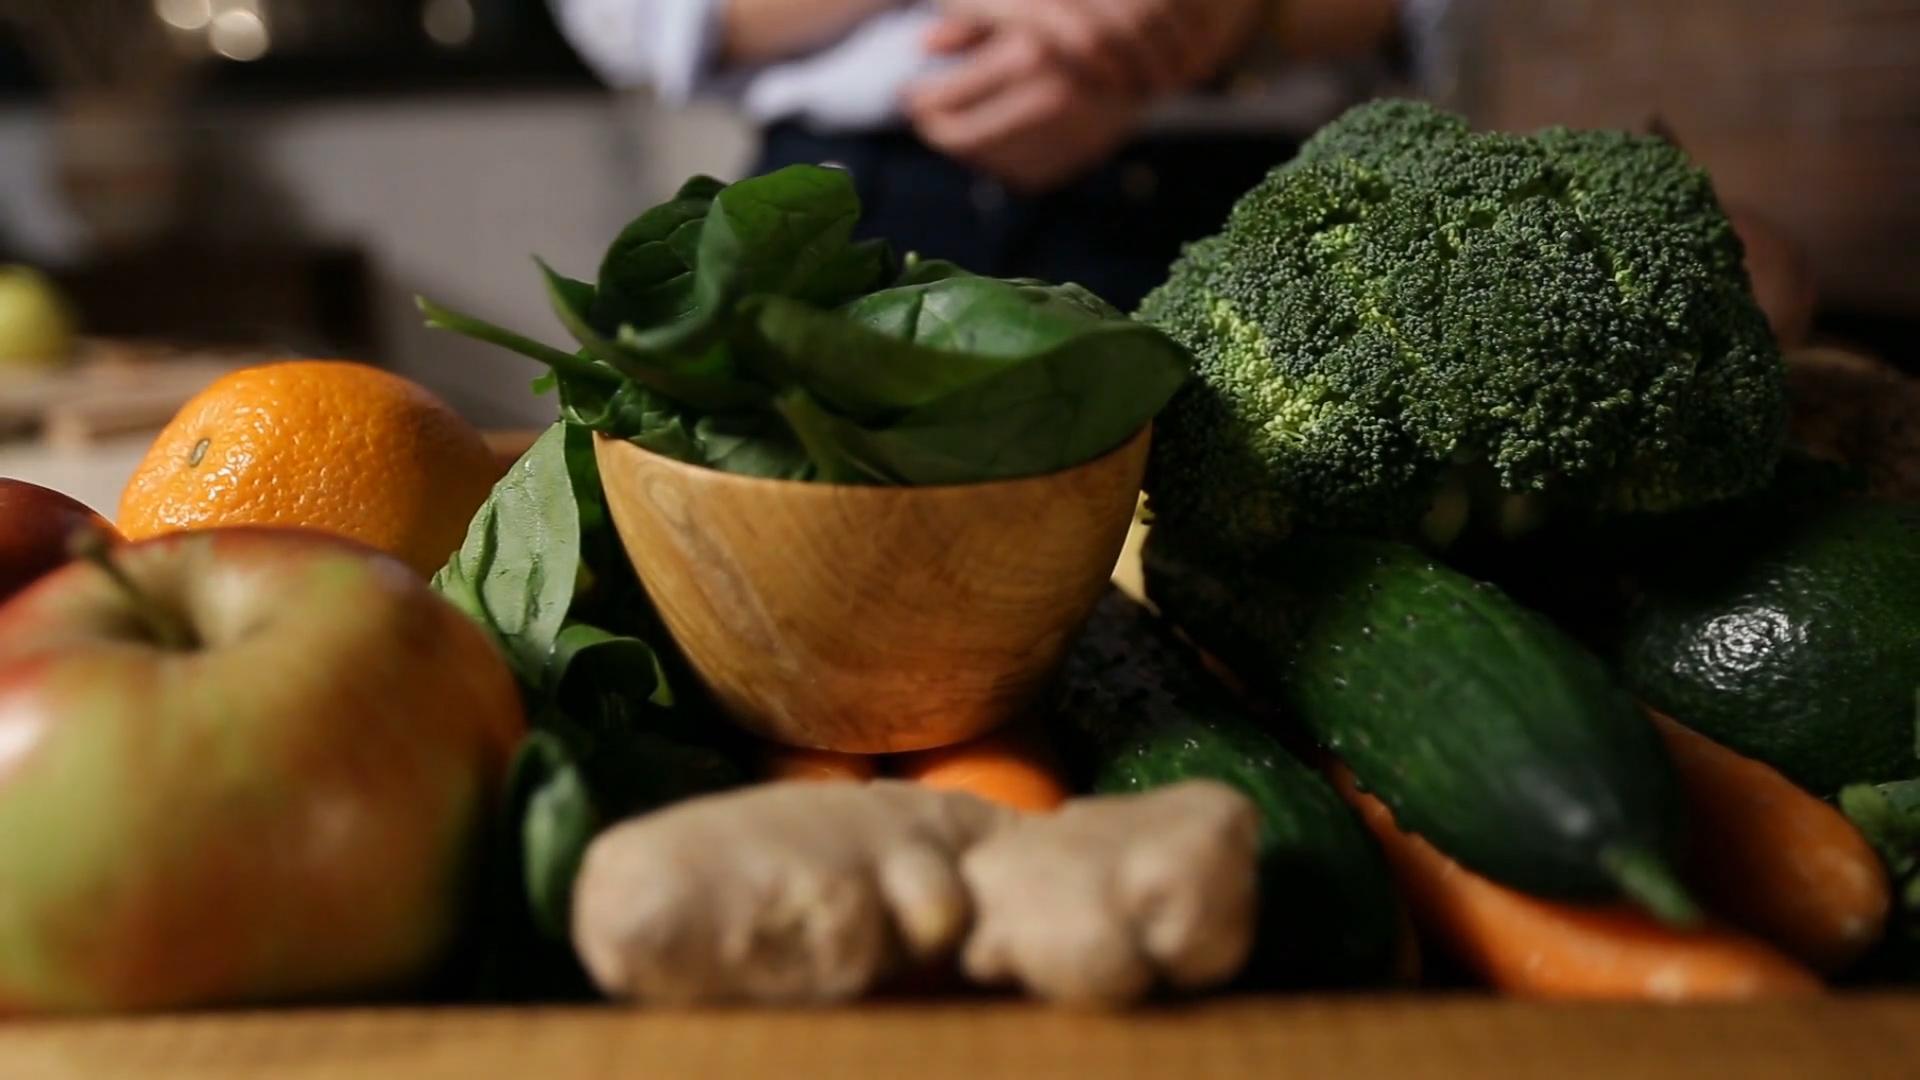 Warzywa, które mają więcej żelaza niż mięso